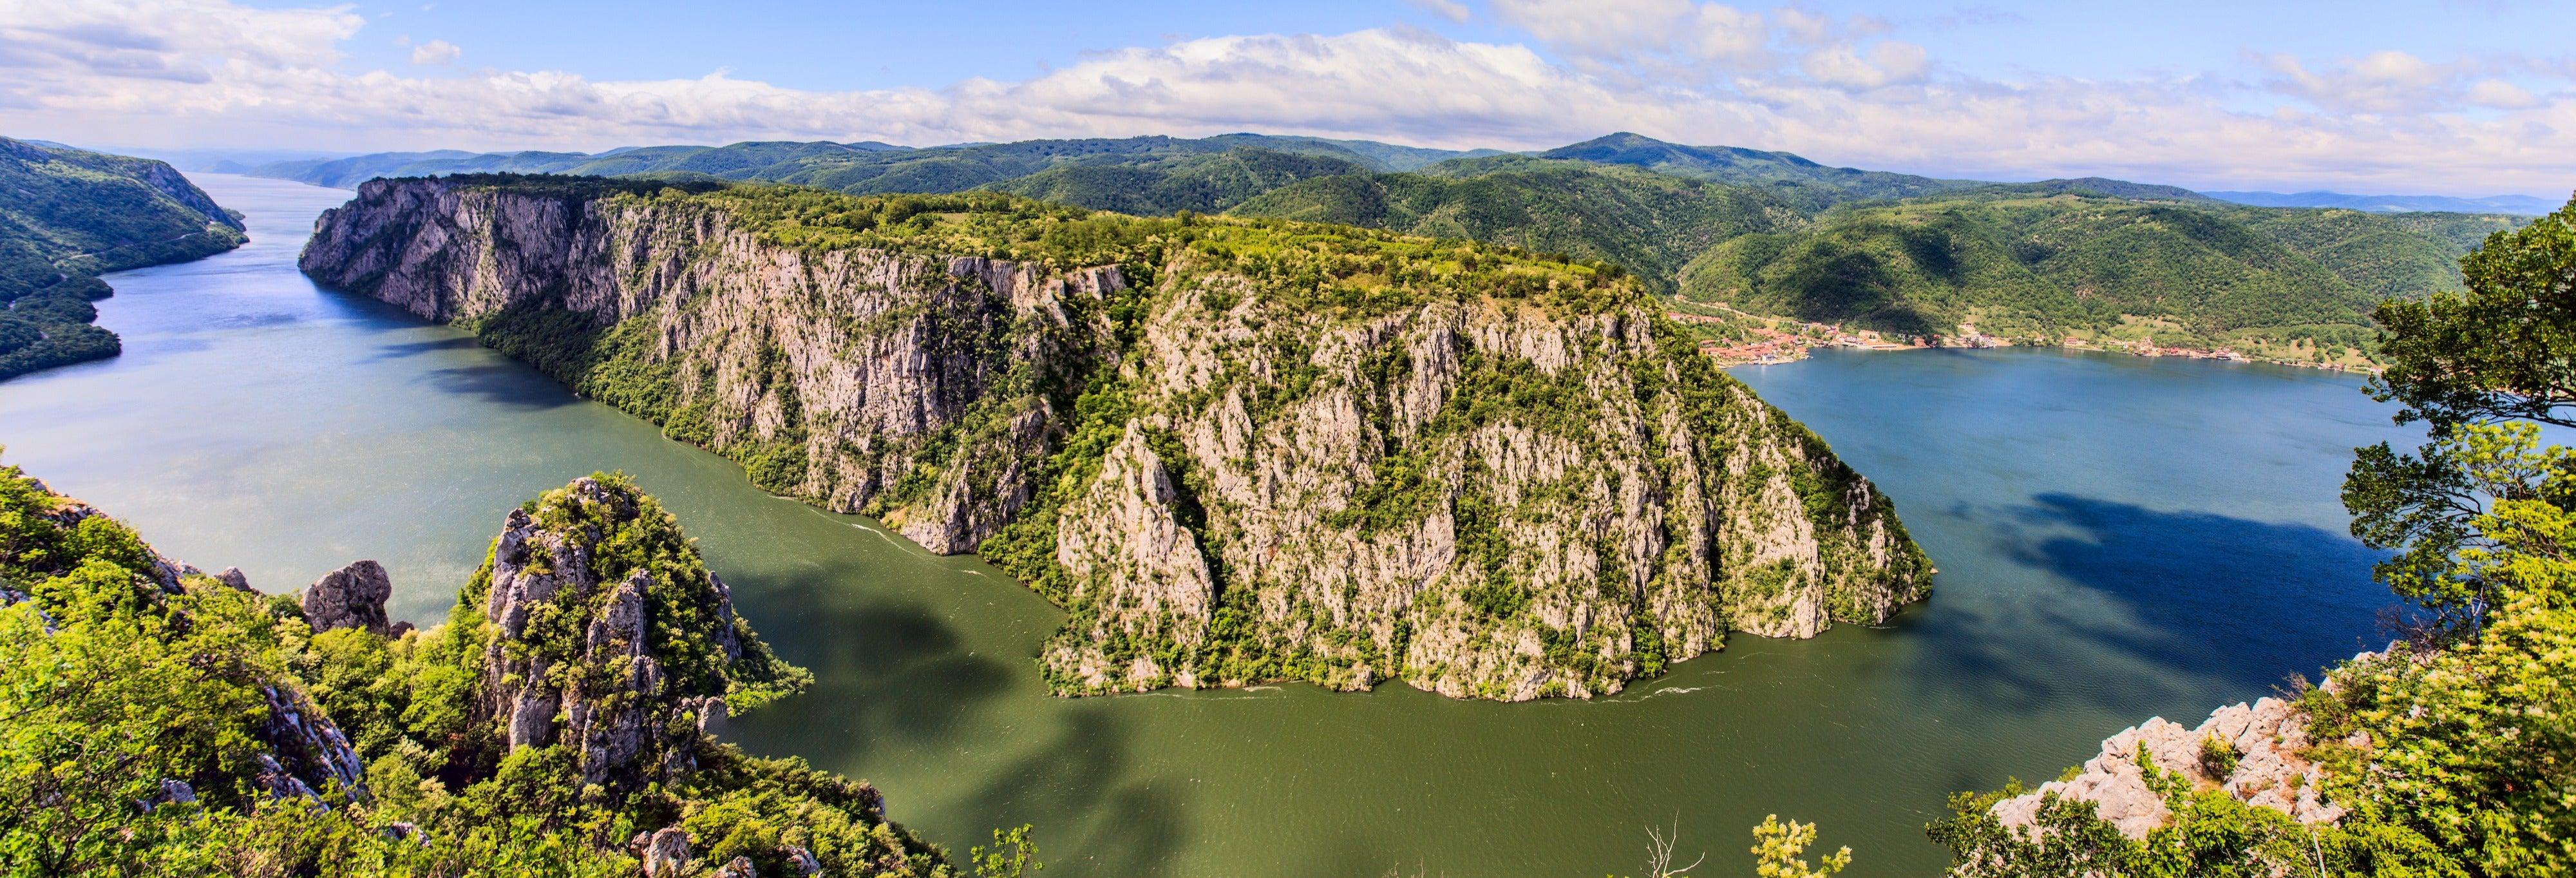 Excursión por el valle del Danubio